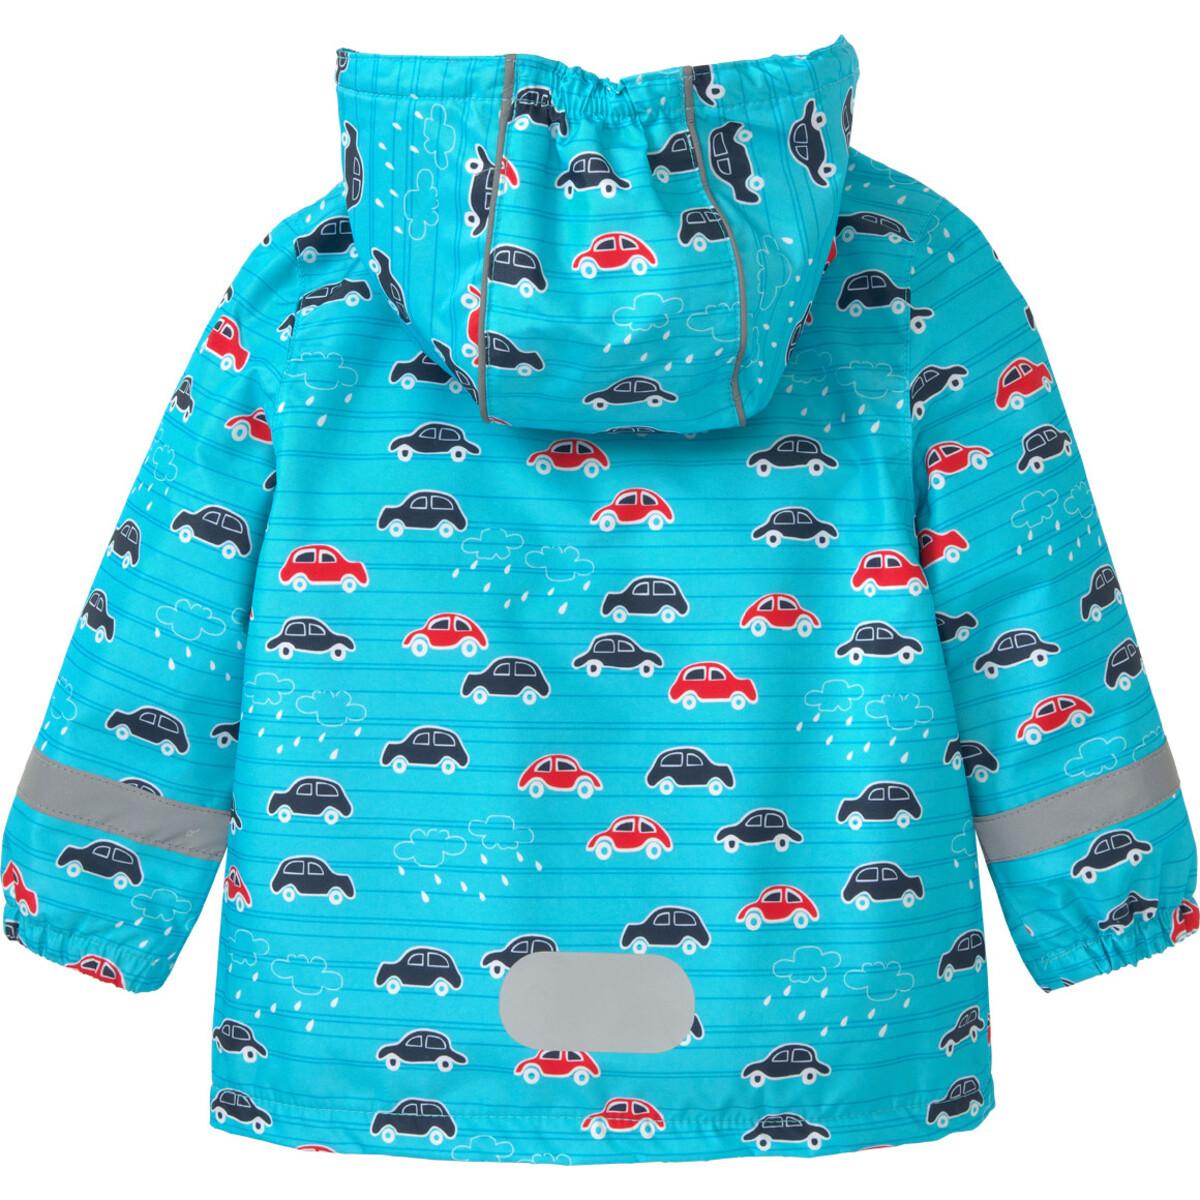 Bild 2 von Baby Regenjacke mit Kapuze